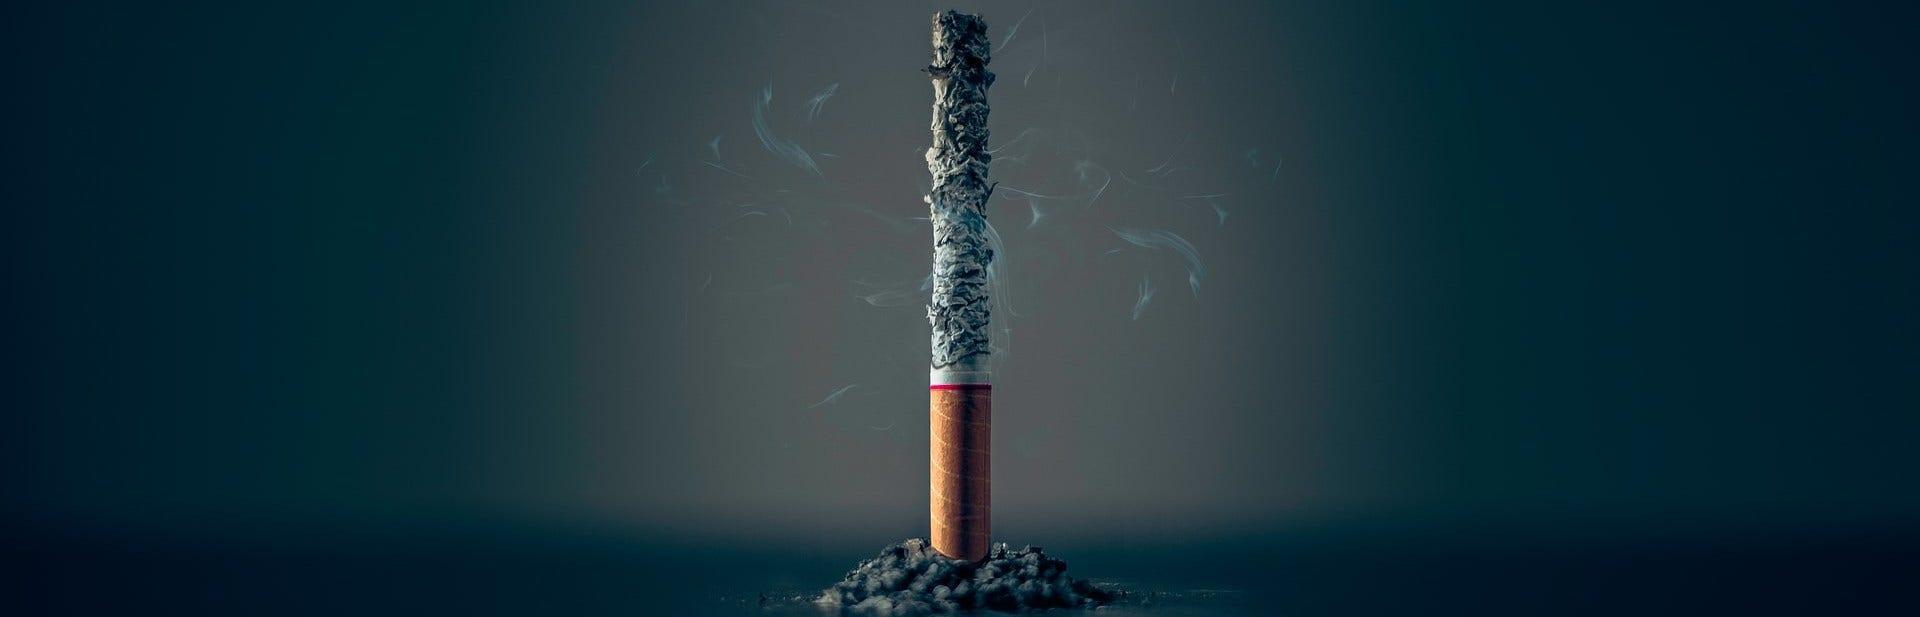 Vaping: The Secret Tool in Quitting Smoking (Image)